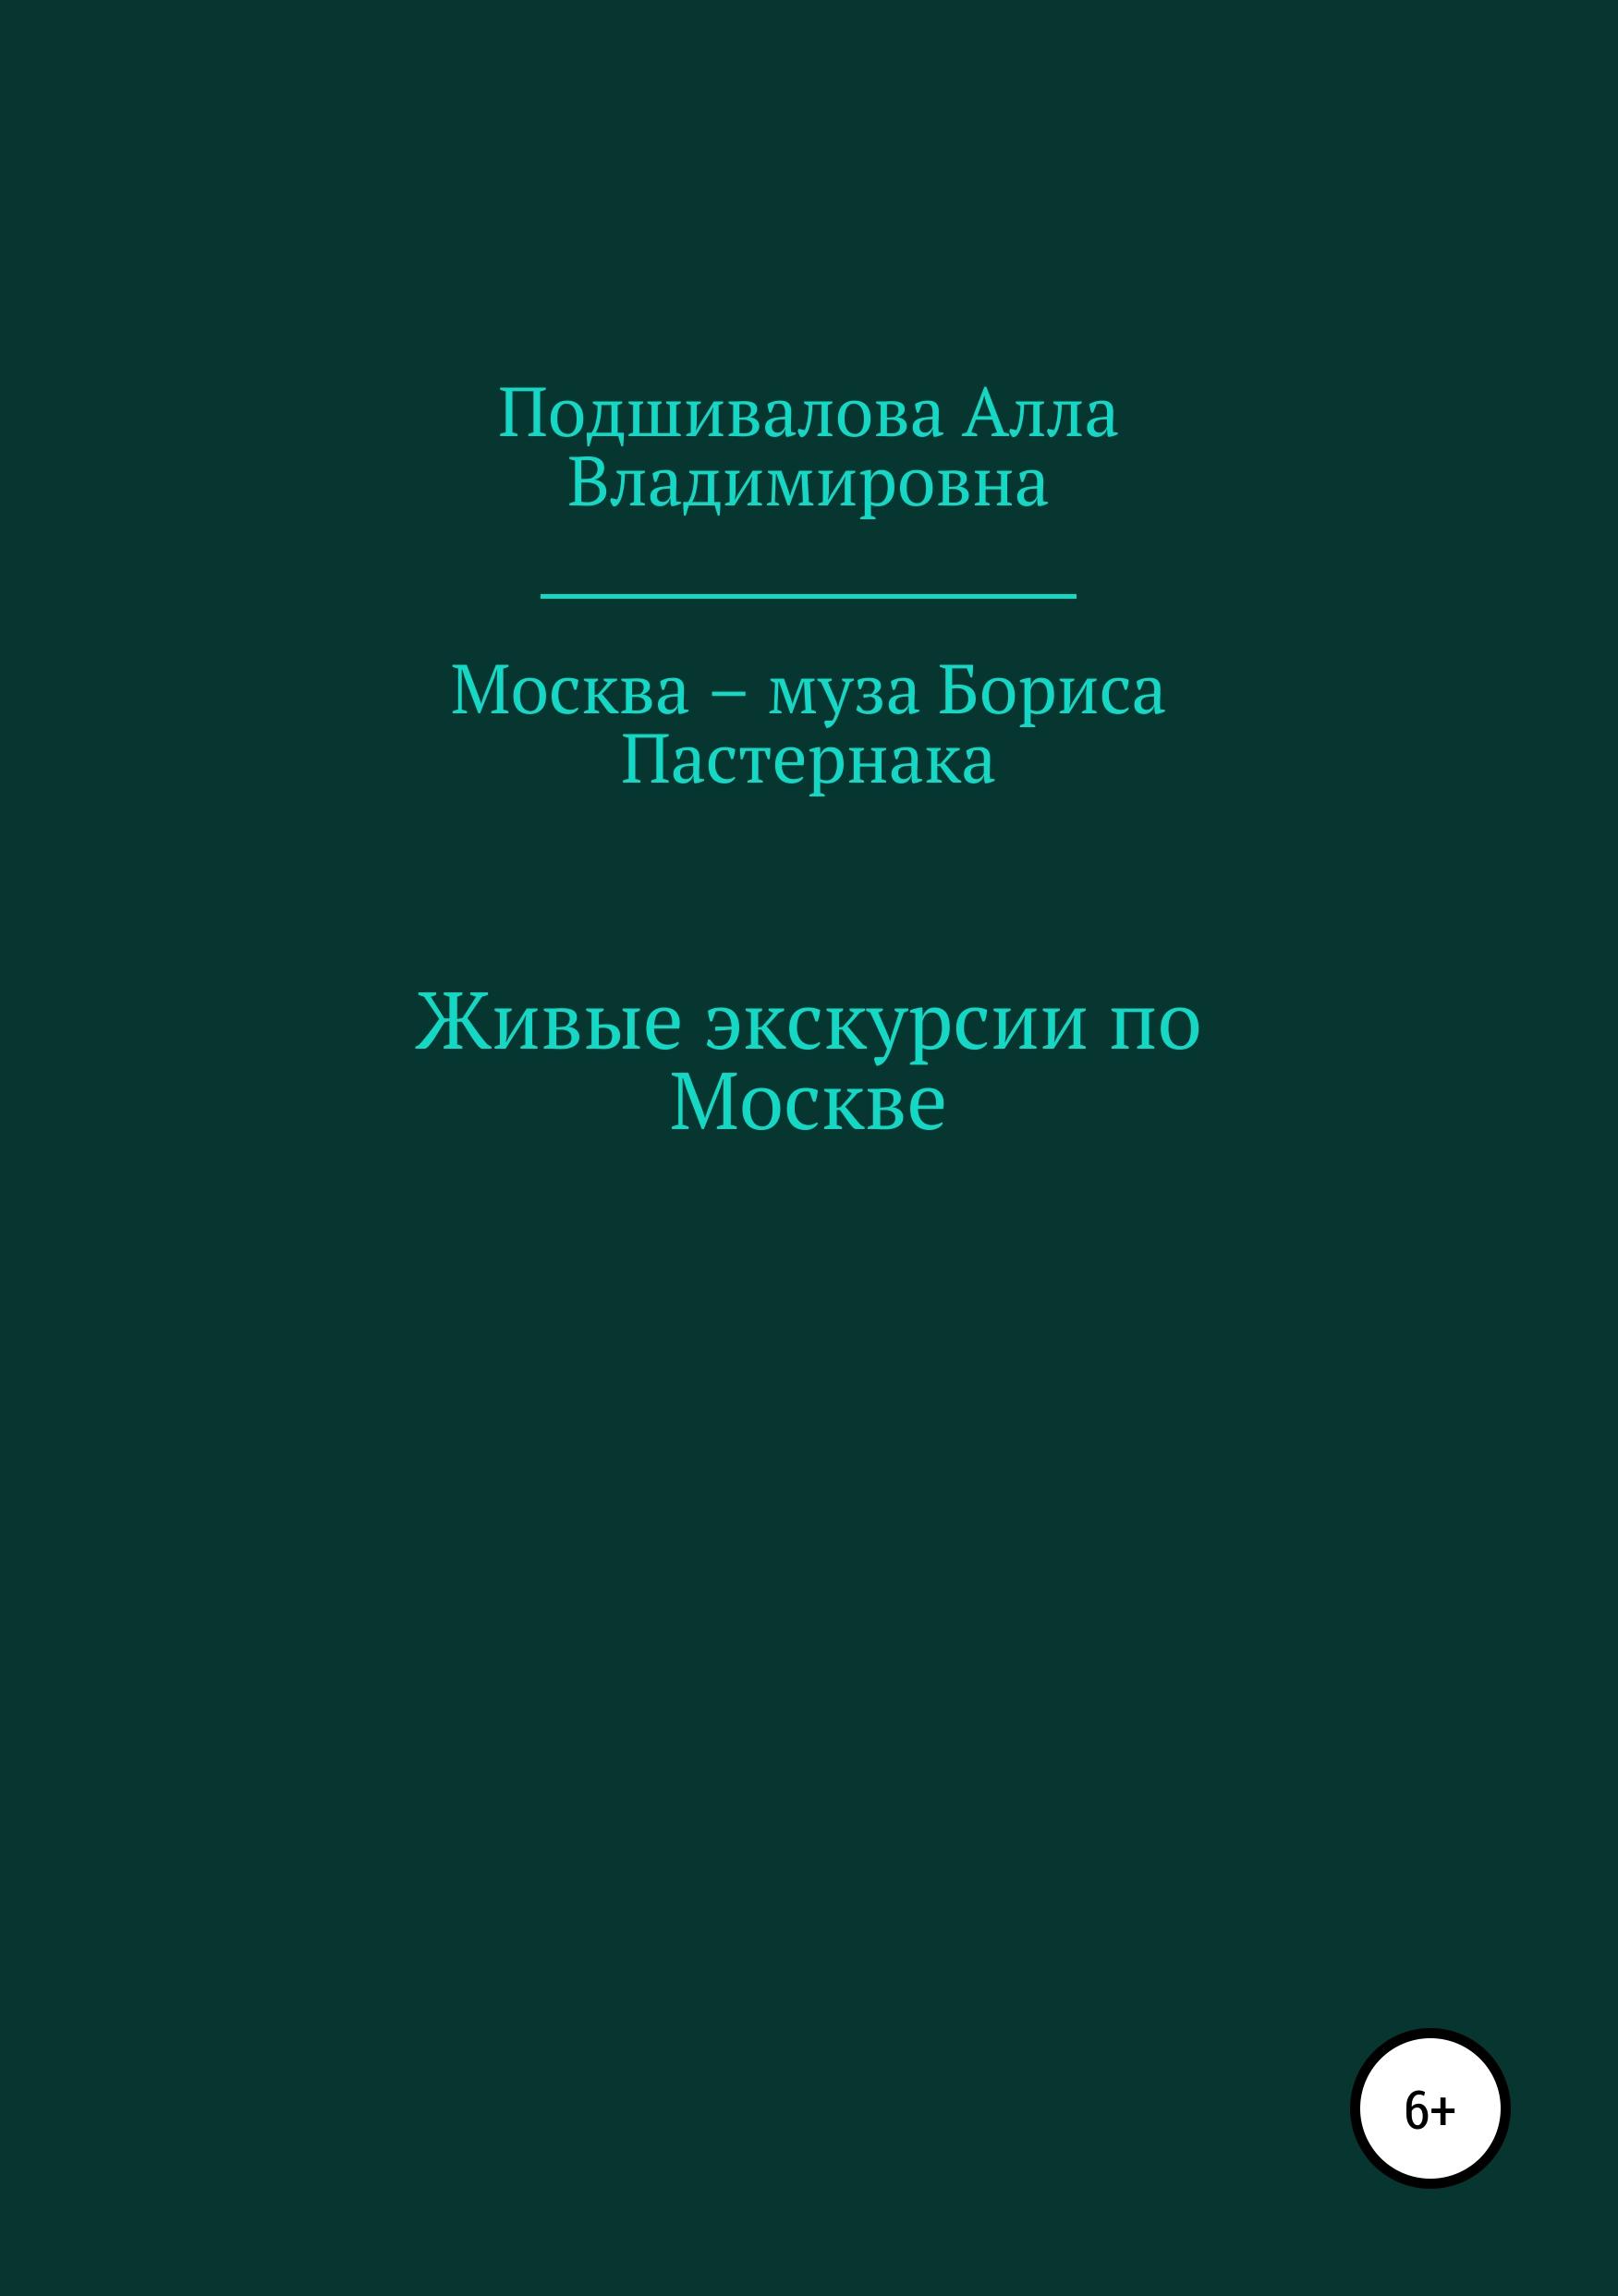 Купить книгу Москва – муза Бориса Пастернака, автора Аллы Владимировны Подшиваловой